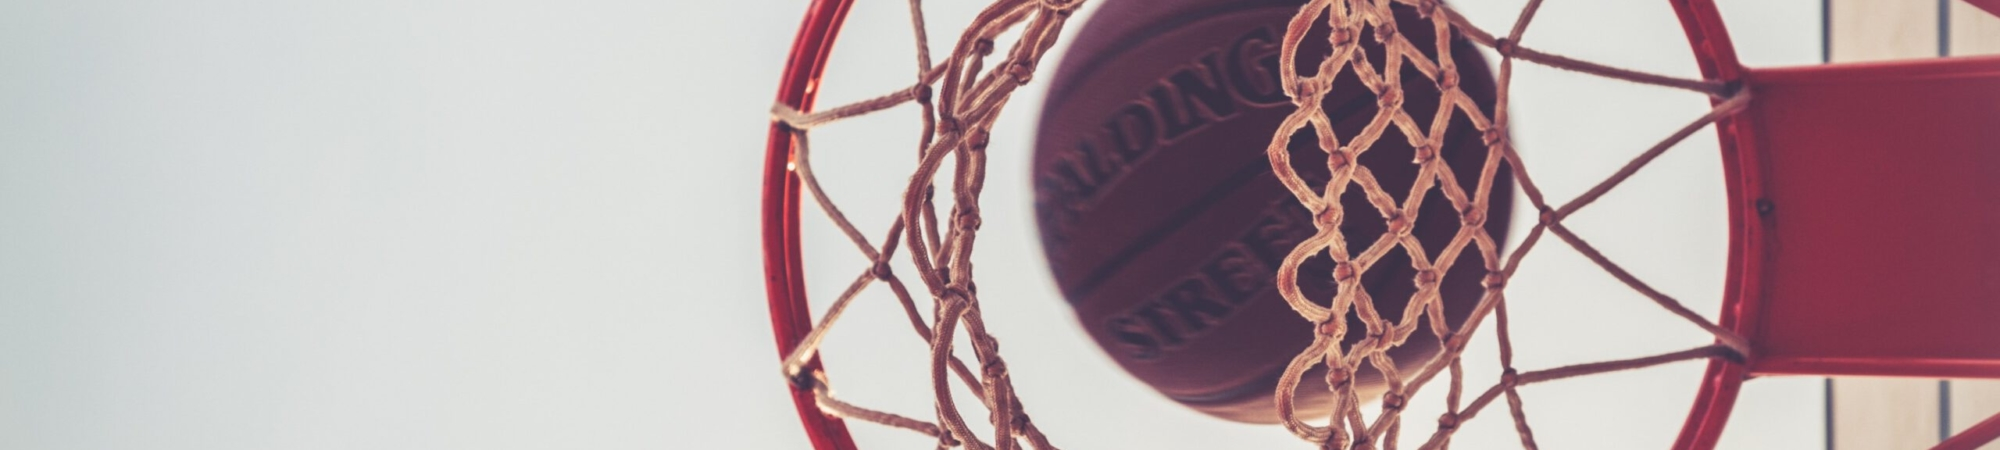 basket-801708